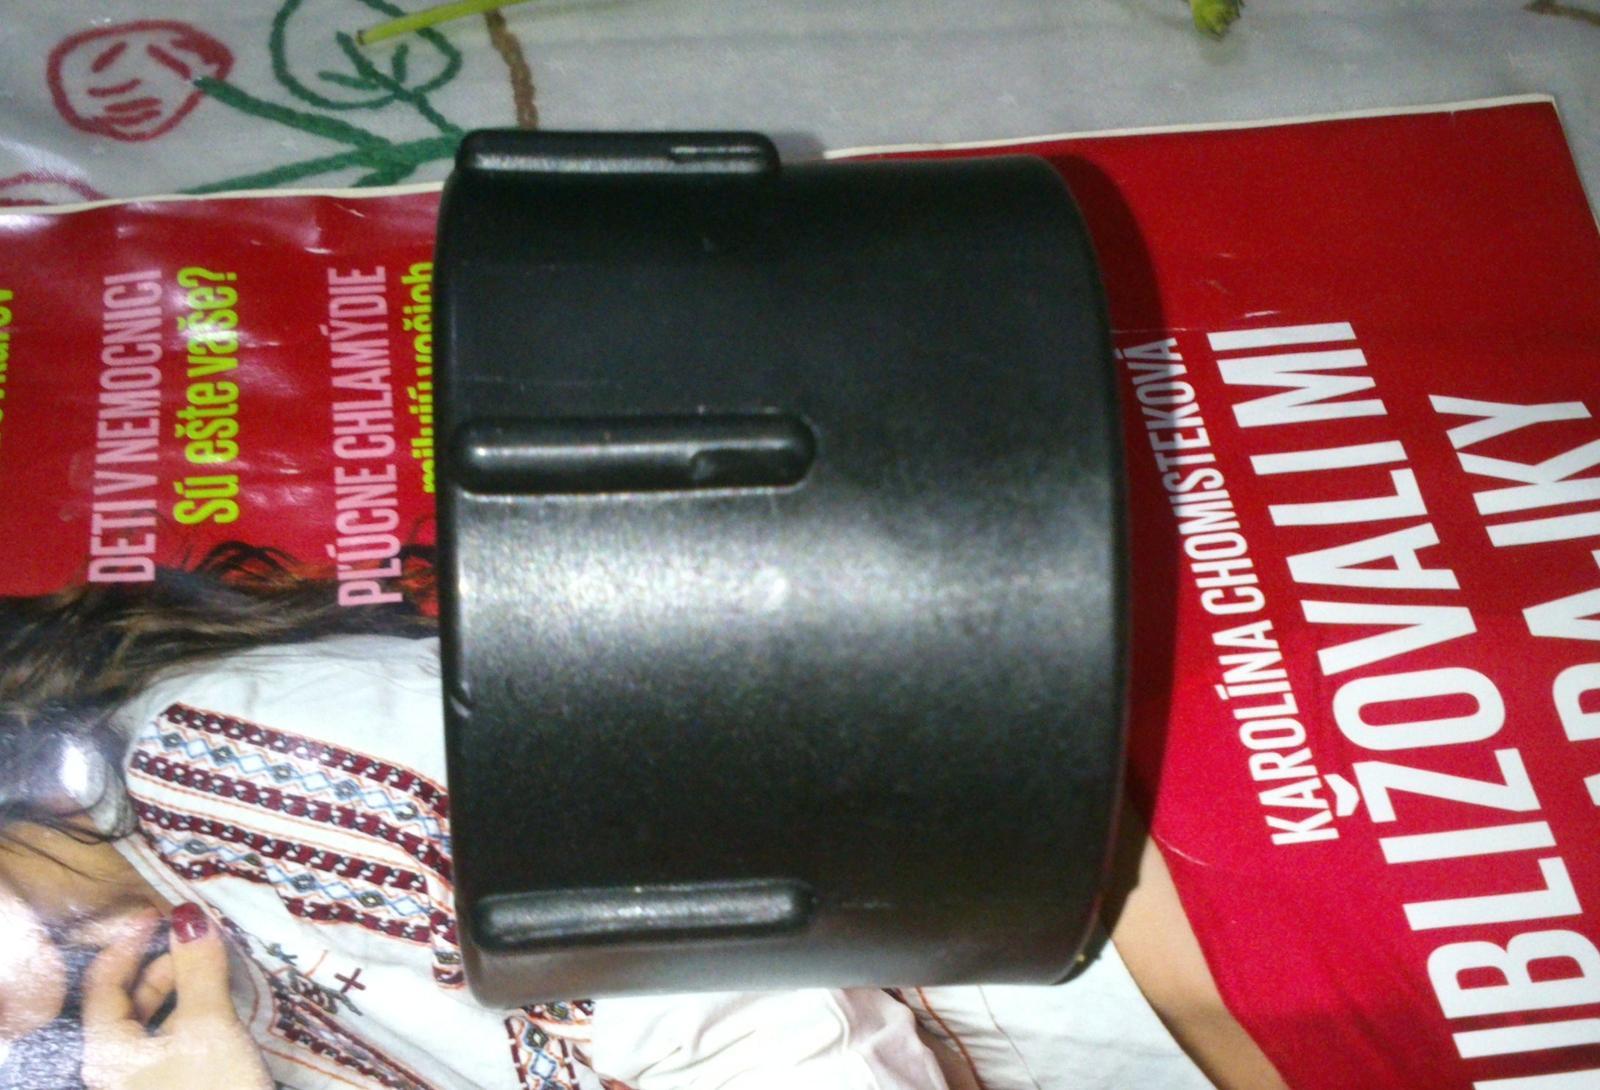 3/4 ventil ibc 1000sud bandaska kanister viecko koleno. - Obrázok č. 4